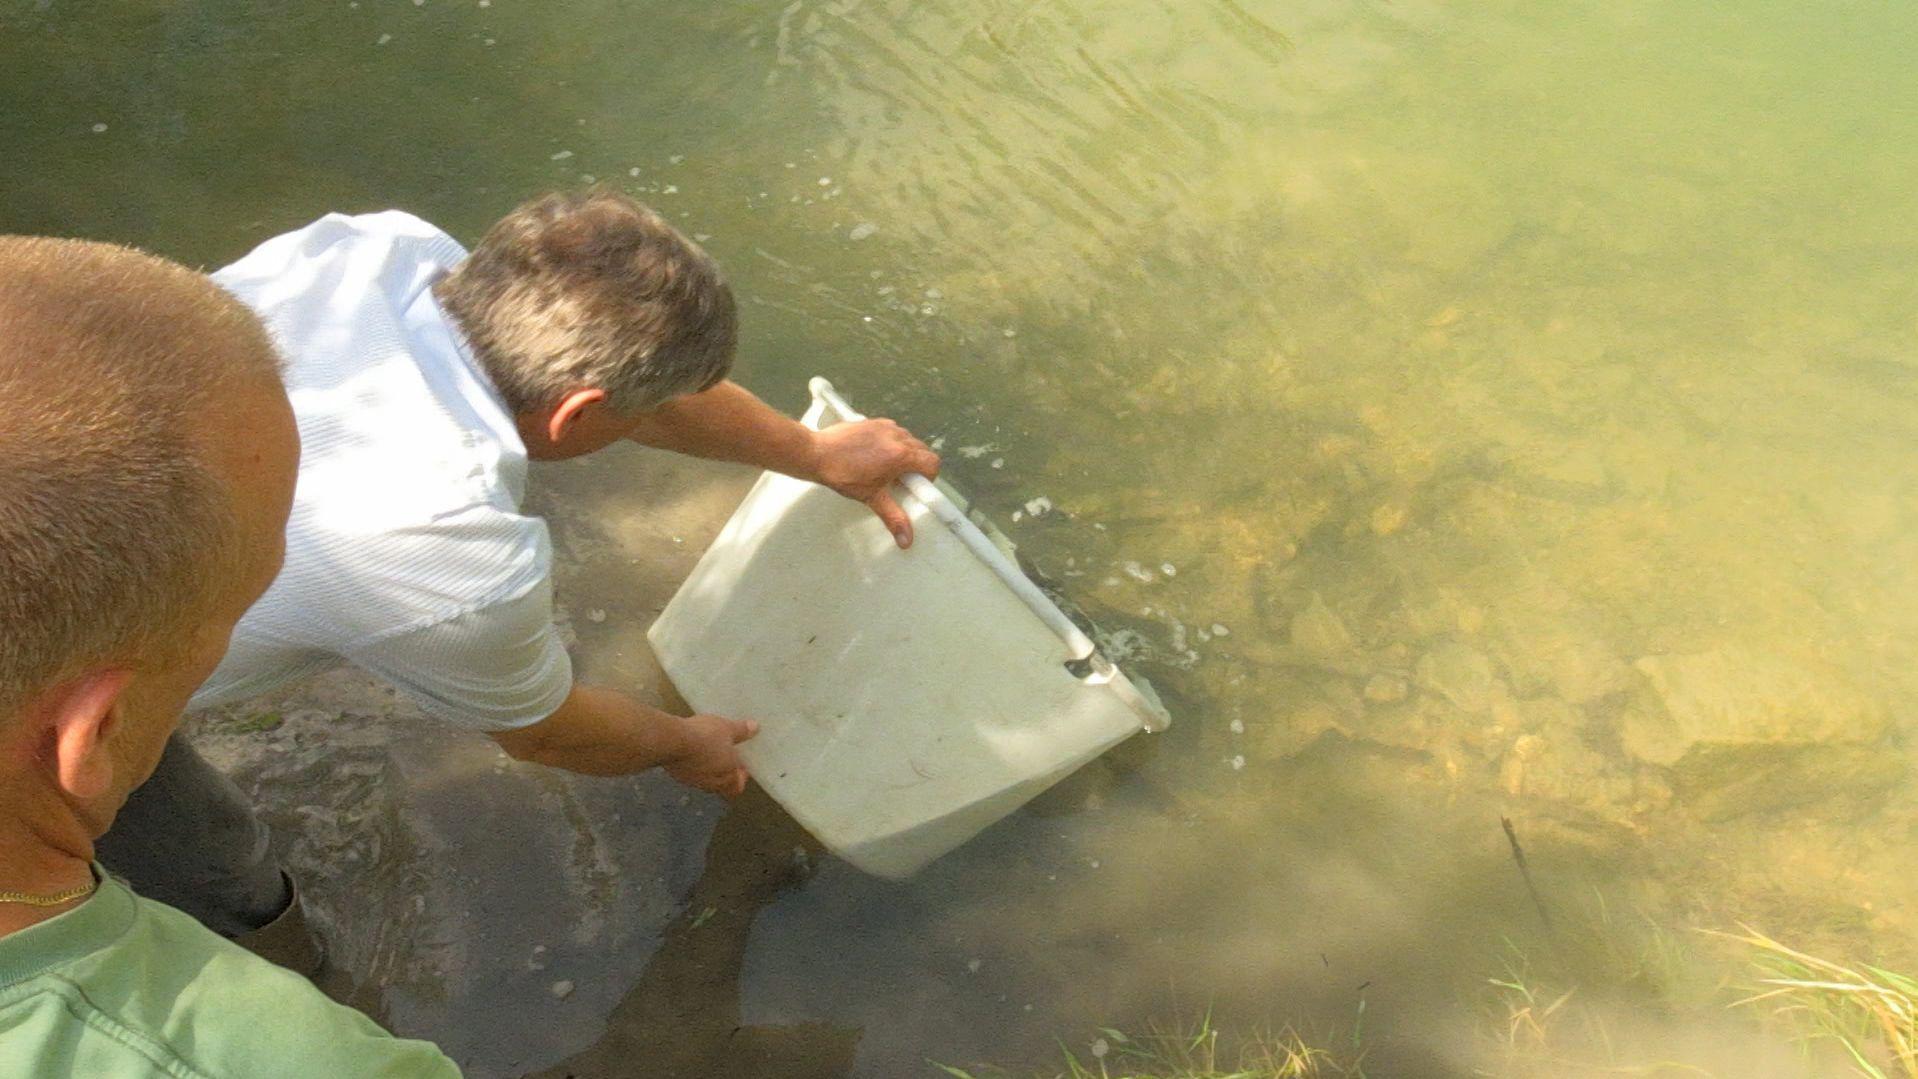 Äschen, eine der bedrohten Fischarten in Bayern, werden in der Loisach wieder in die Freiheit entlassen.